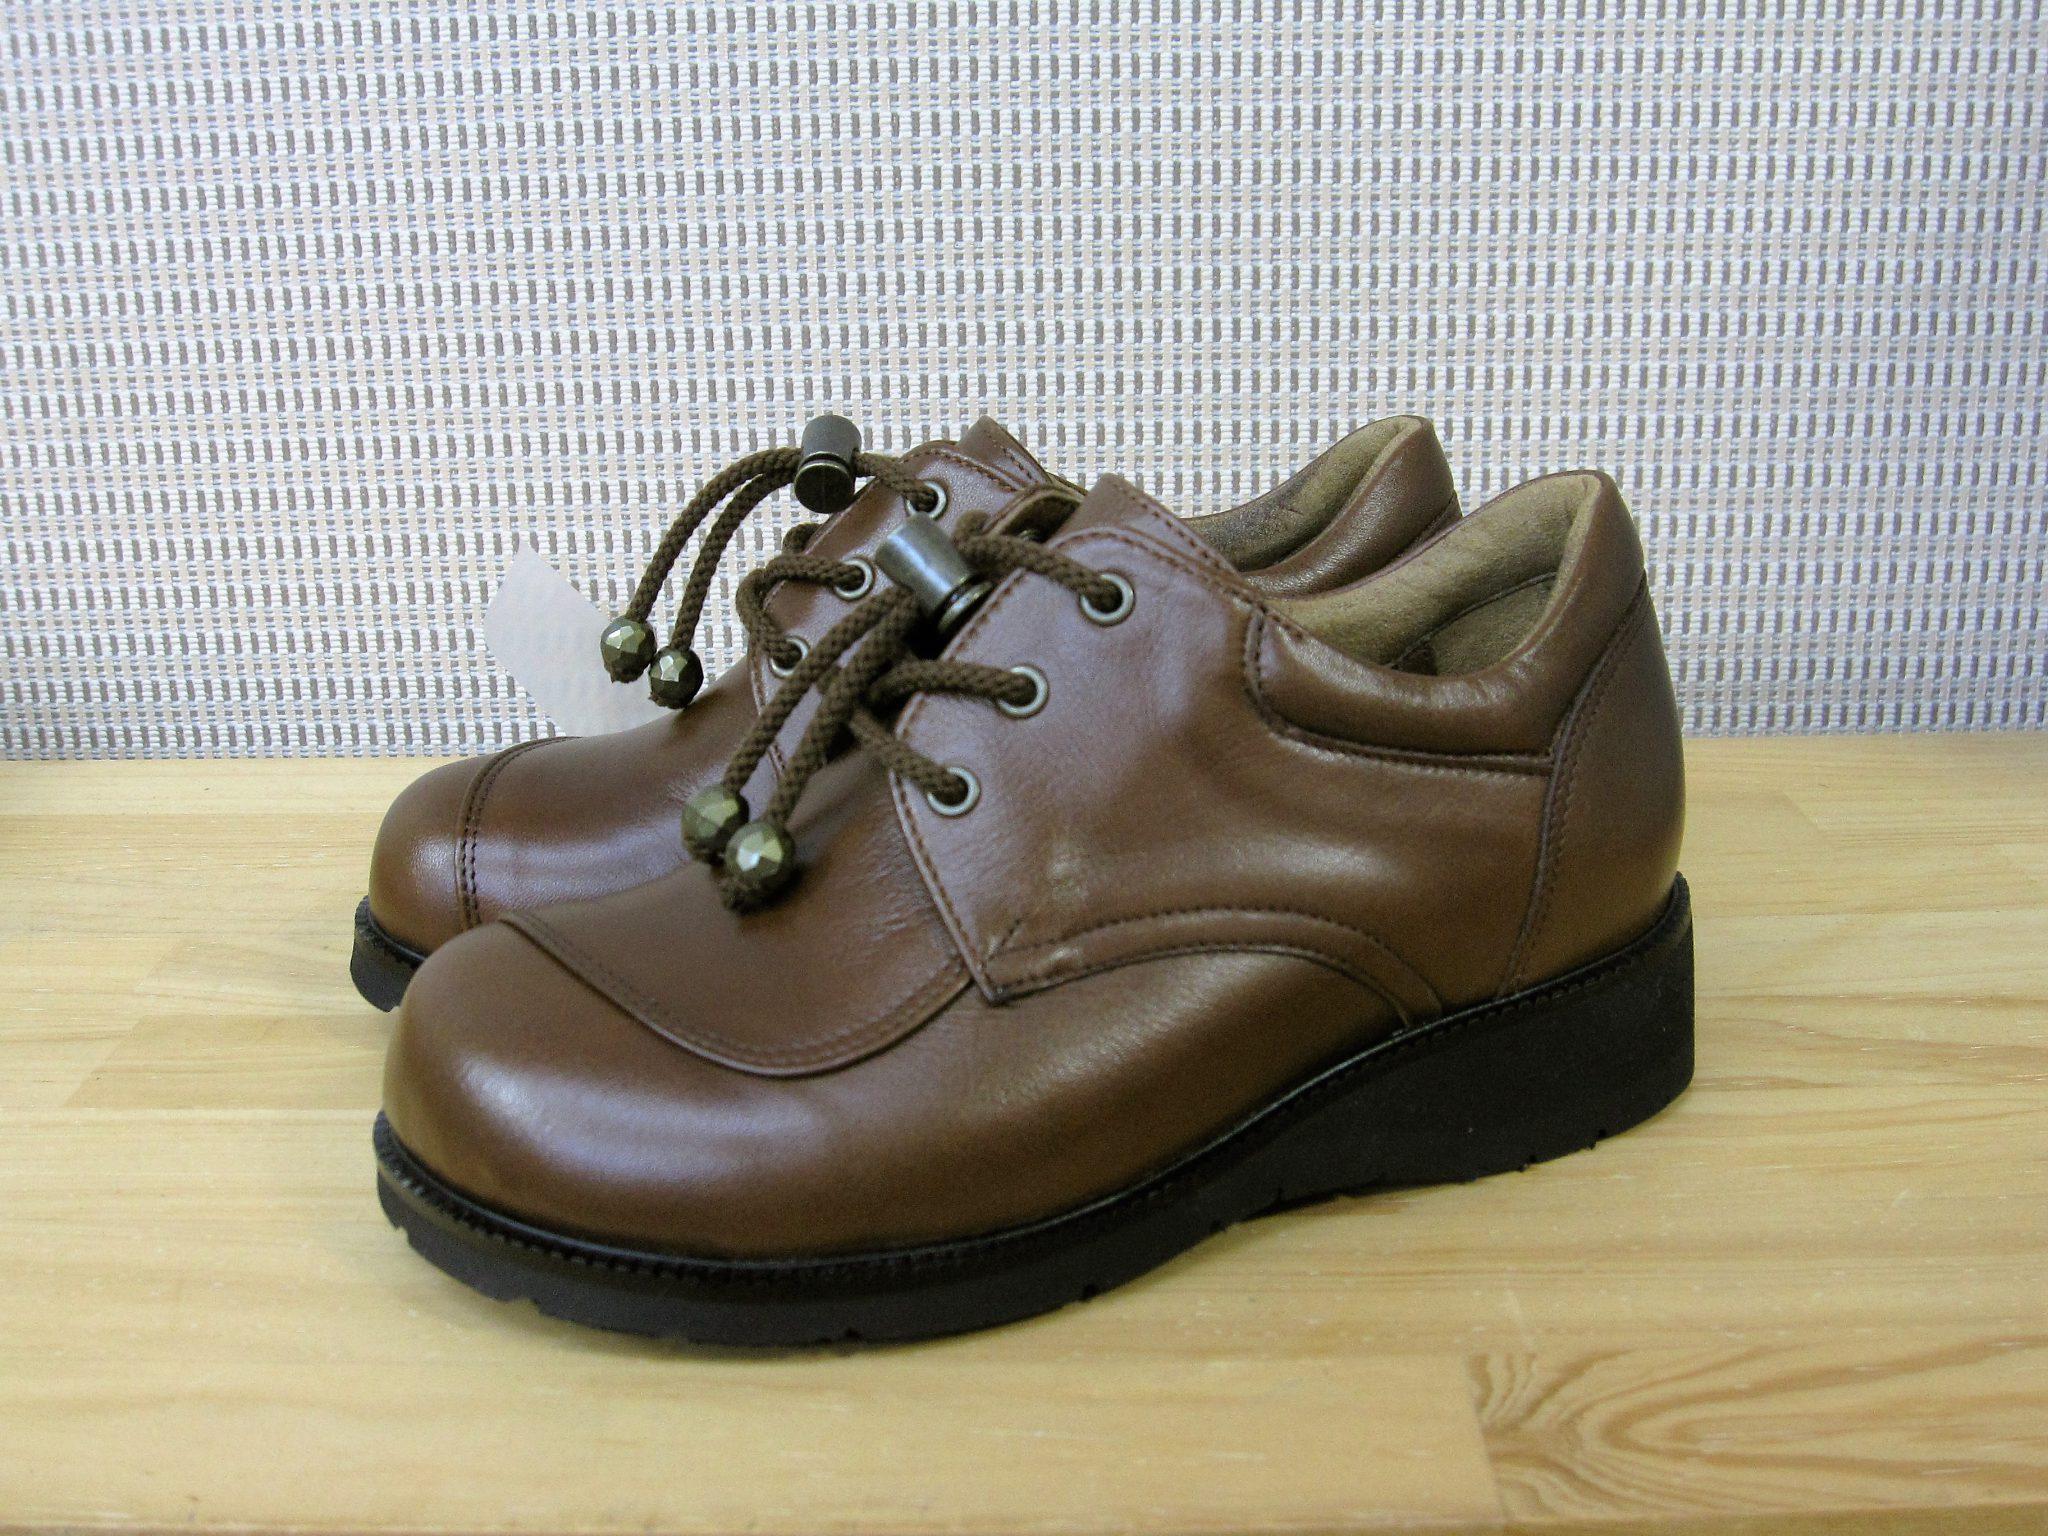 ダウン症の方の足にやさしい靴・オーダーメイドシューズ